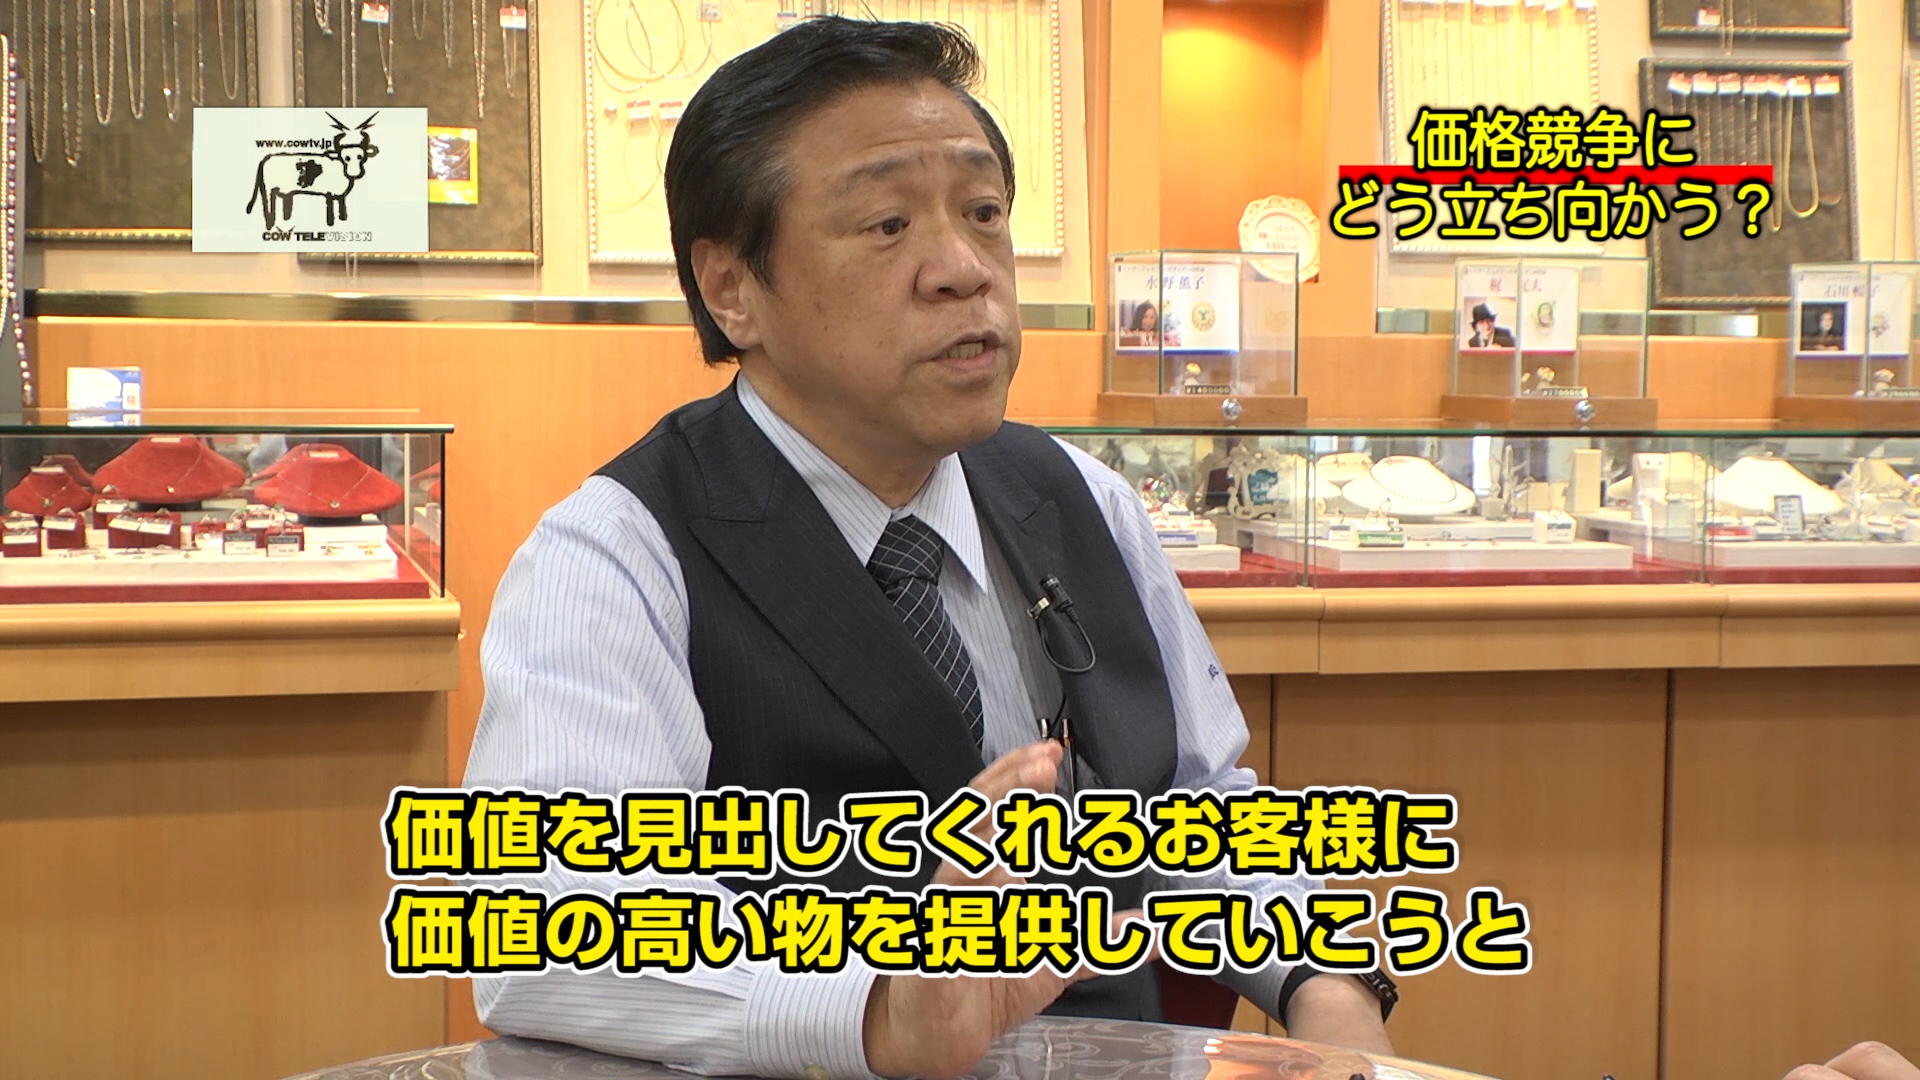 吉田時計店